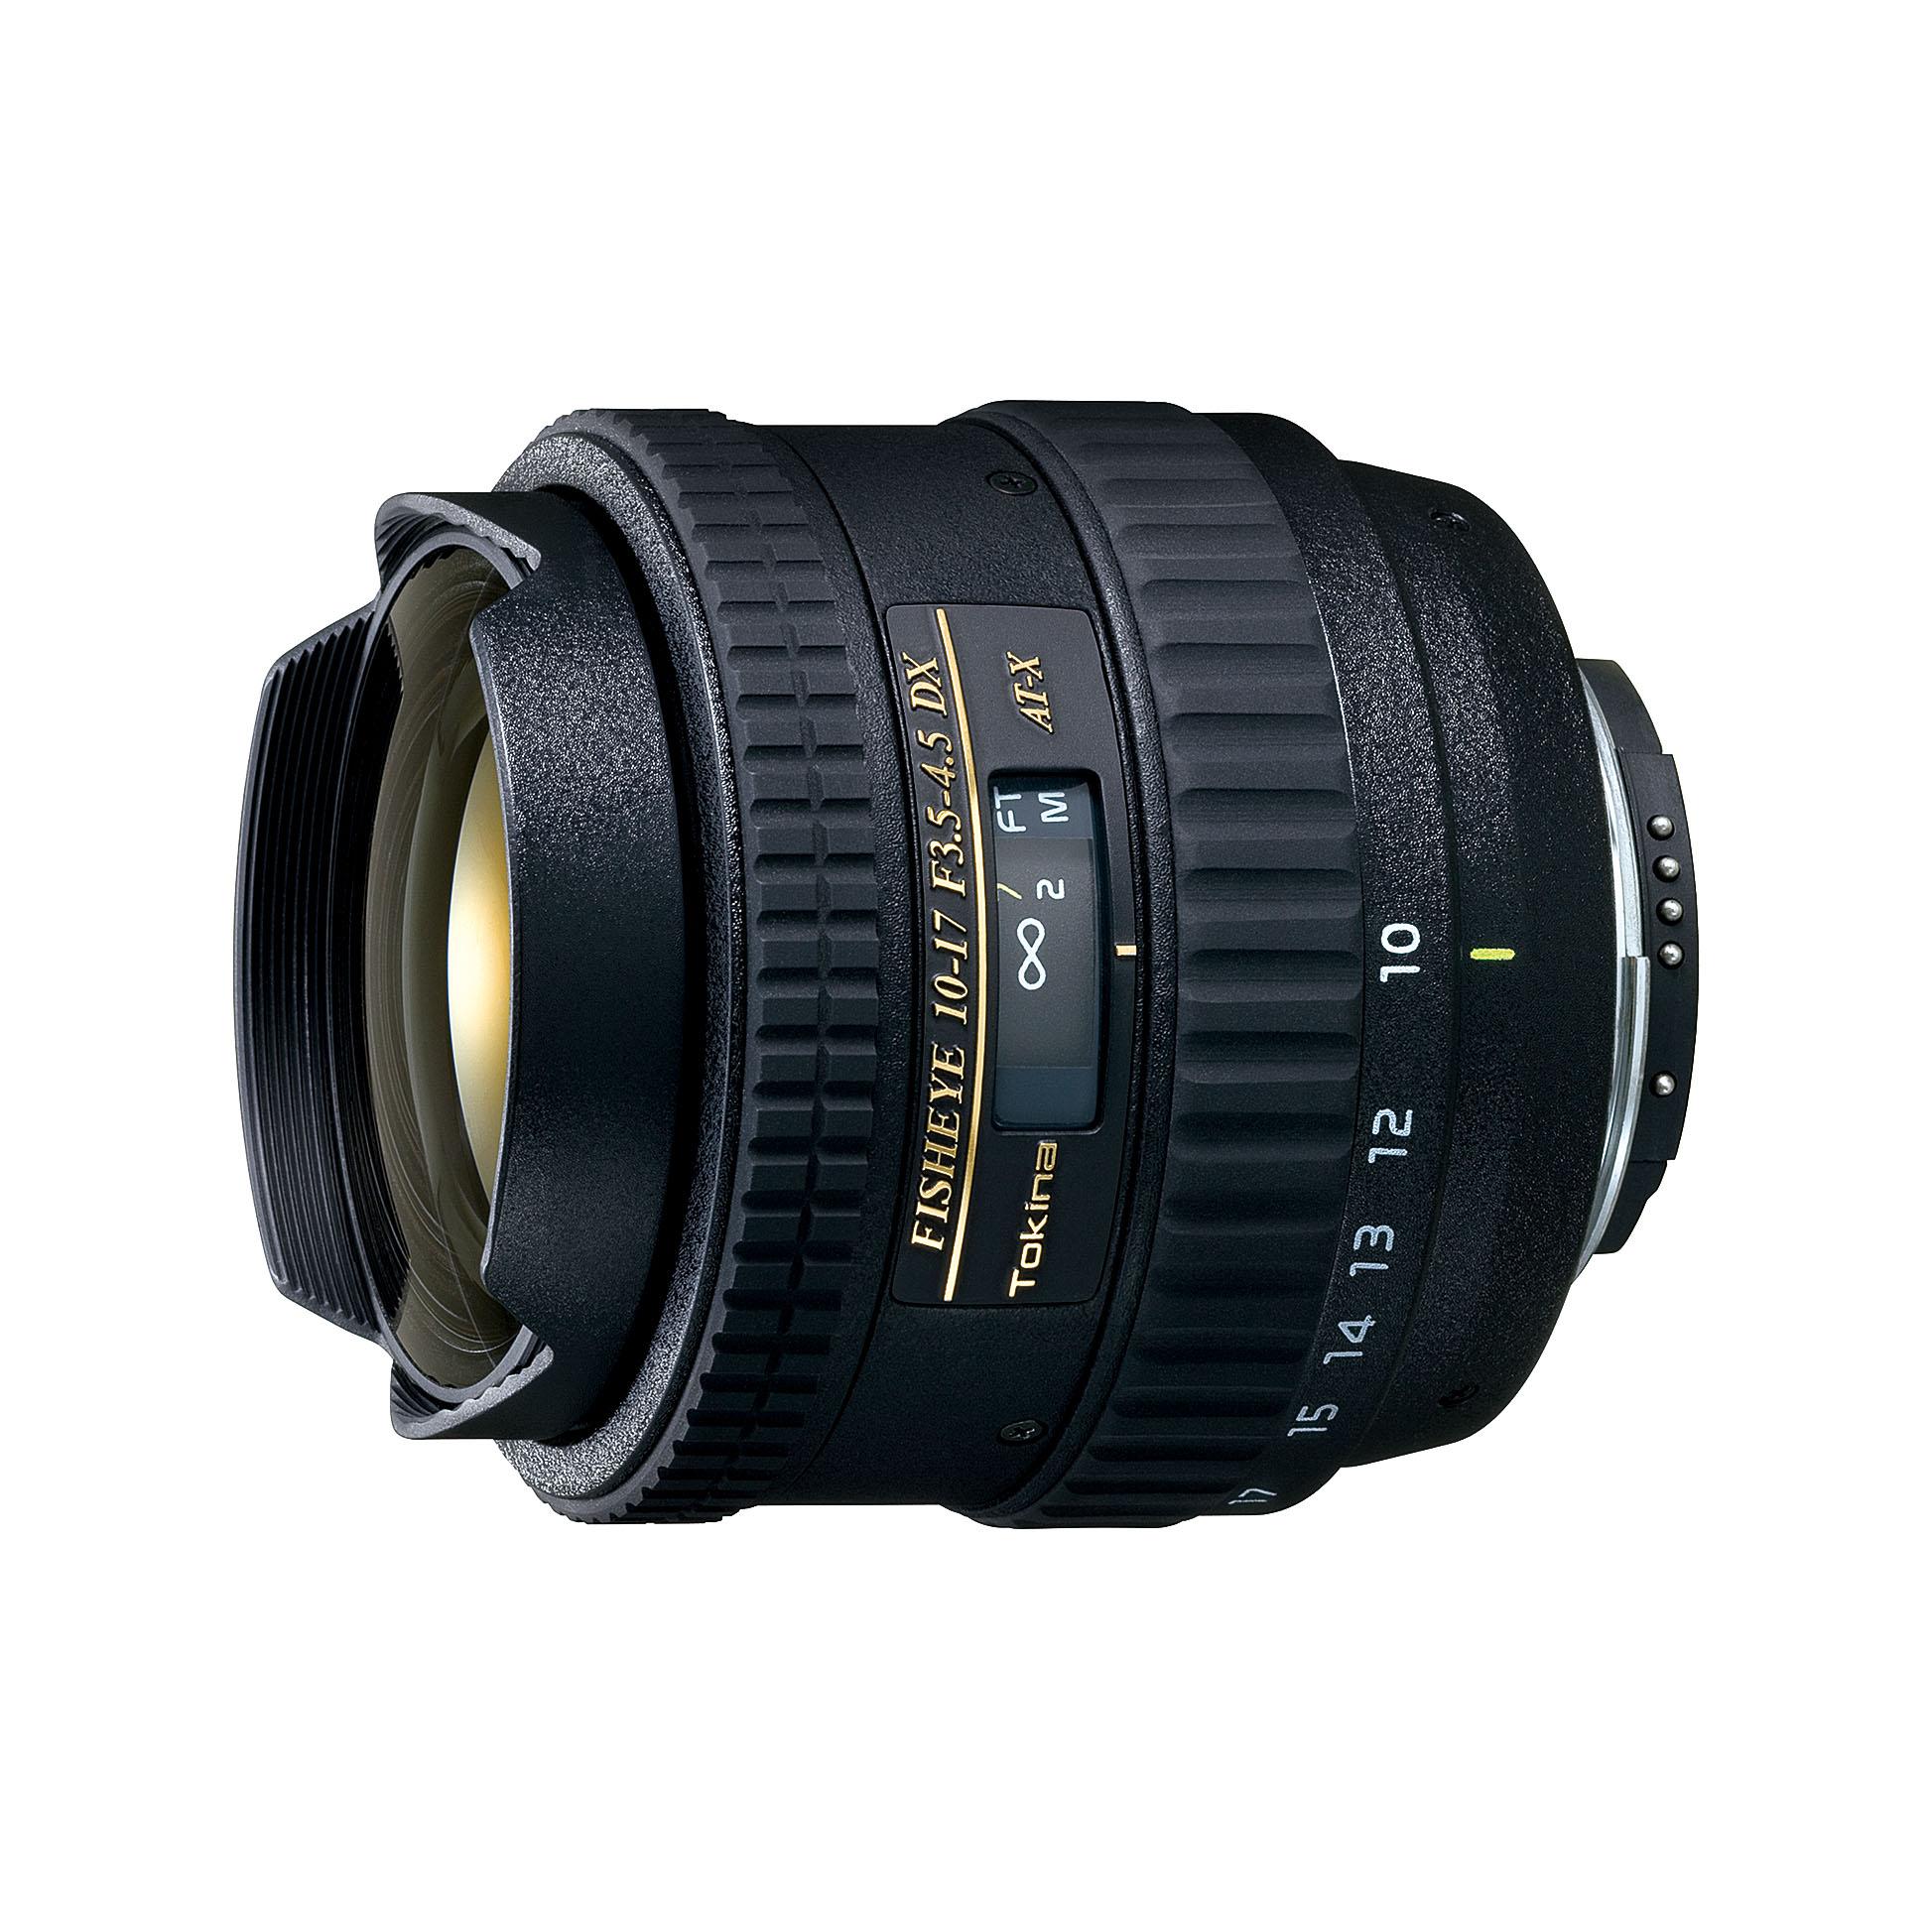 Tokina AT-X 10-17mm f3.5-4.5 DX